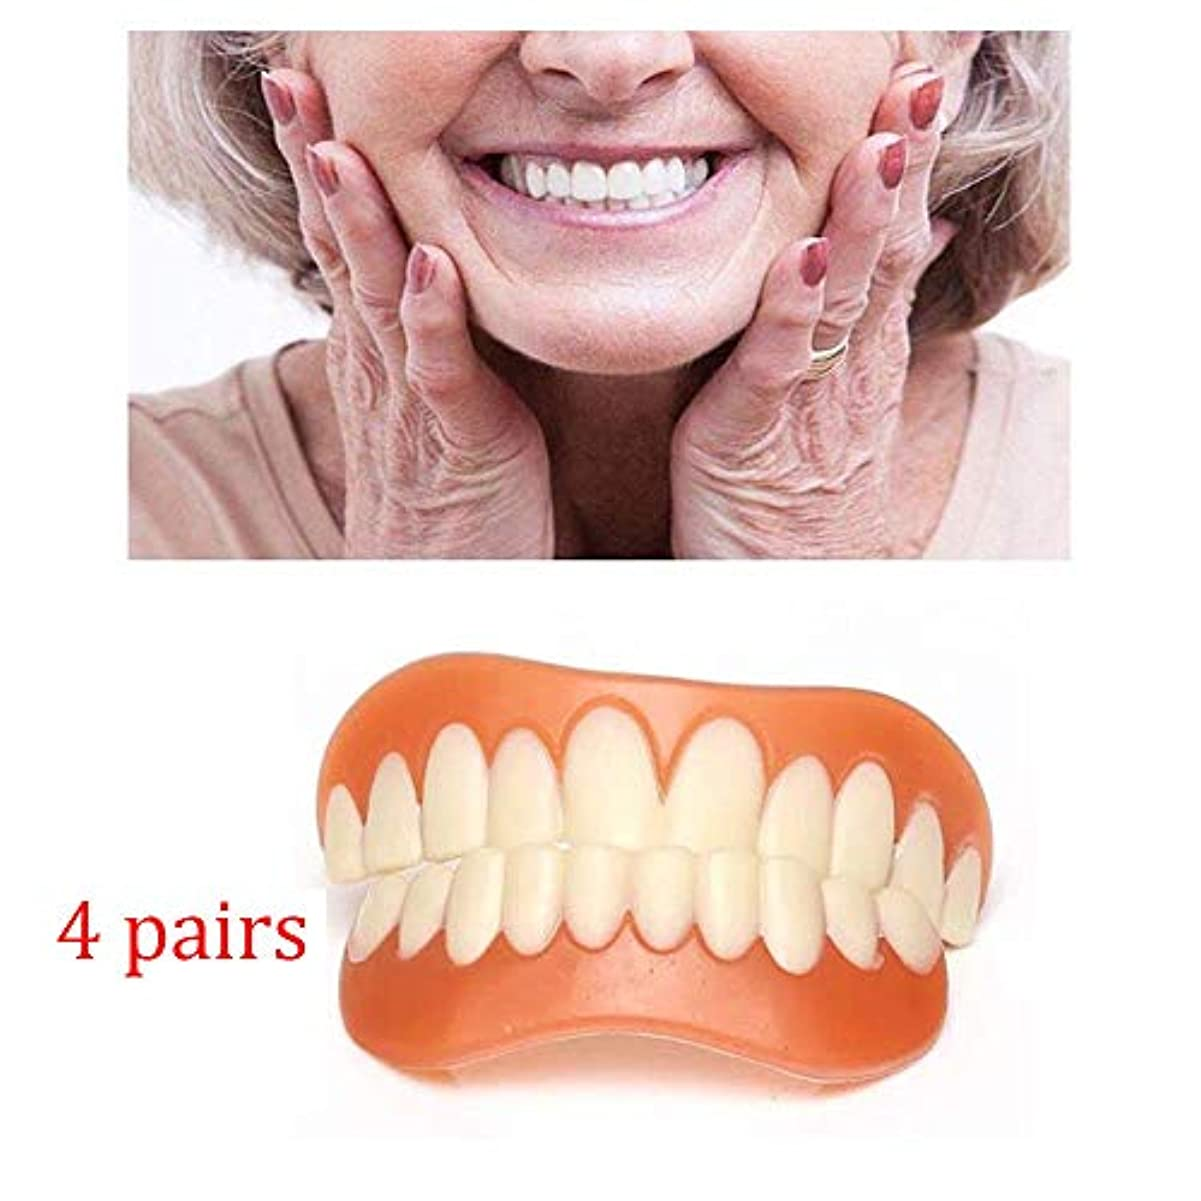 仲介者疼痛驚いたインスタント笑顔歯4対上下の白い歯の列セット義歯セットベニヤフレックス義歯パーフェクトフィットペーストツール